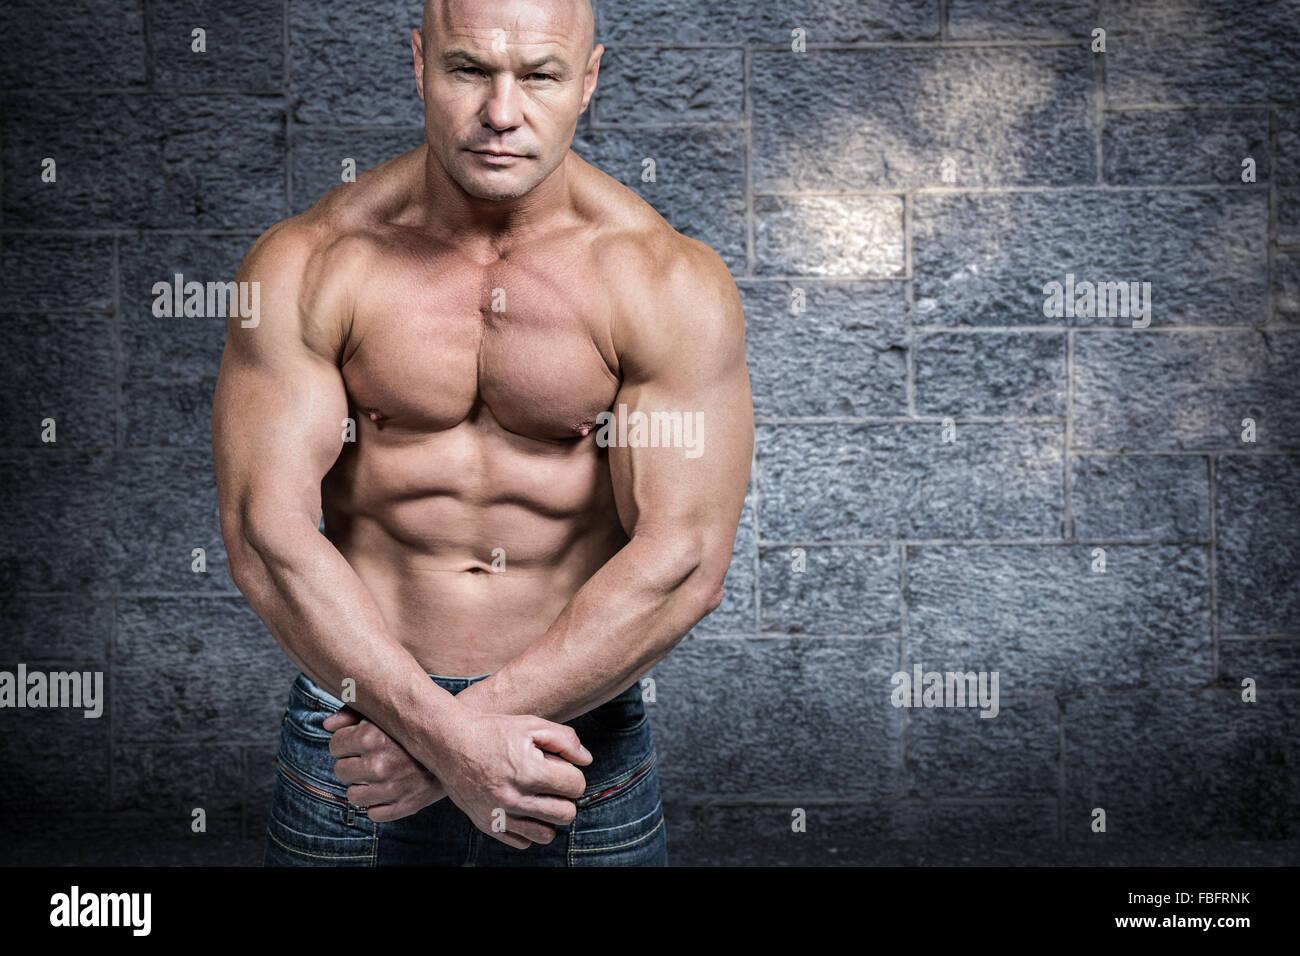 Imagen compuesta de retrato de hombre calvo flexionando los músculos Foto de stock